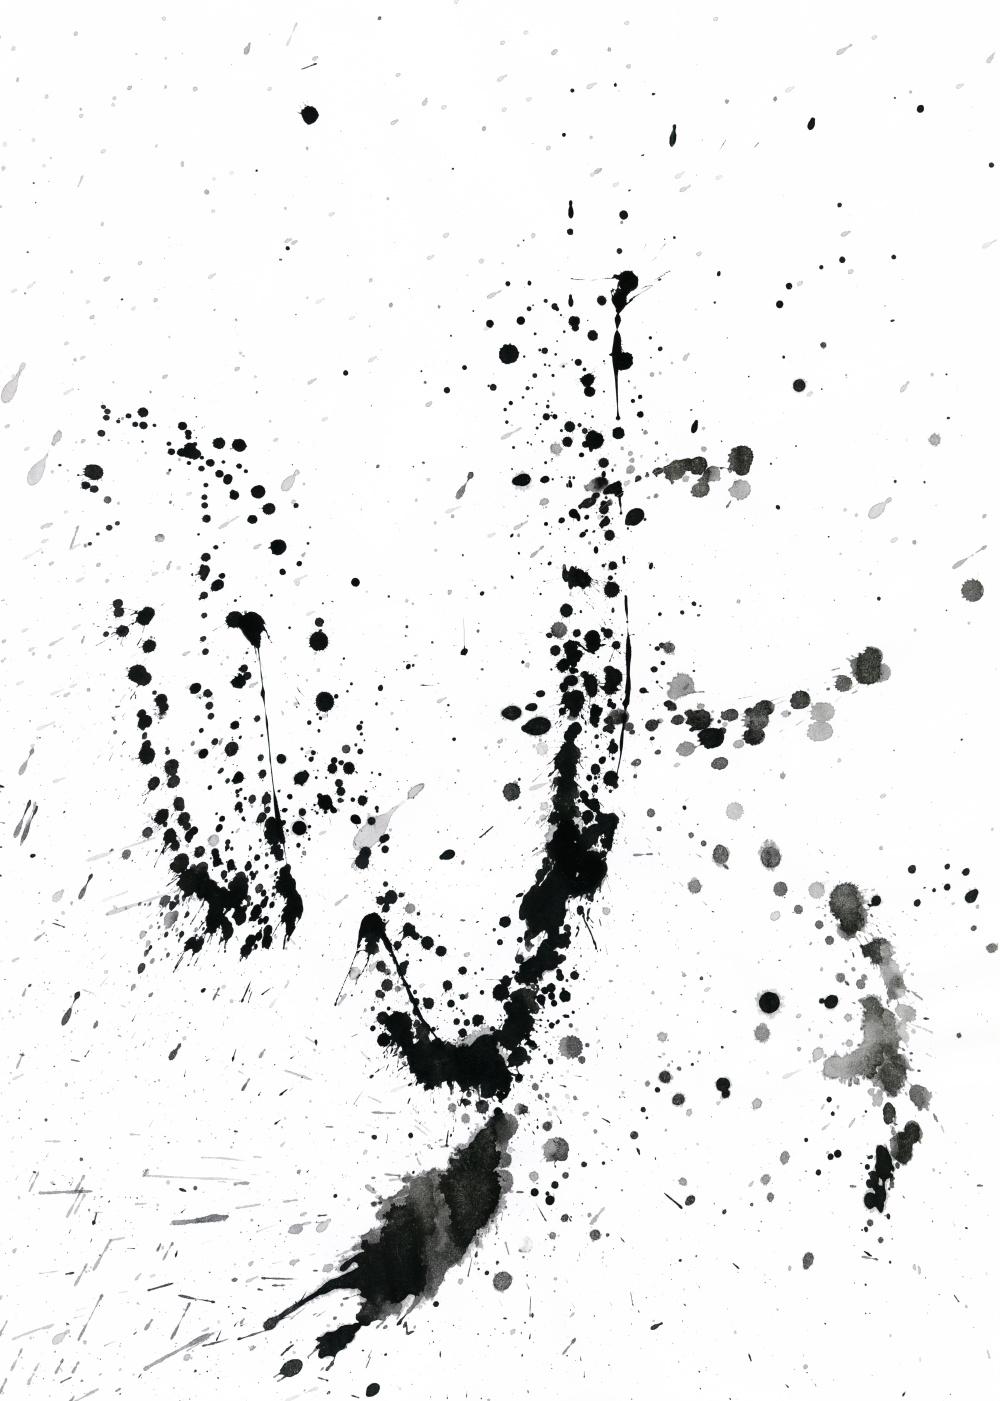 Ink Splatter 06 by Loadus